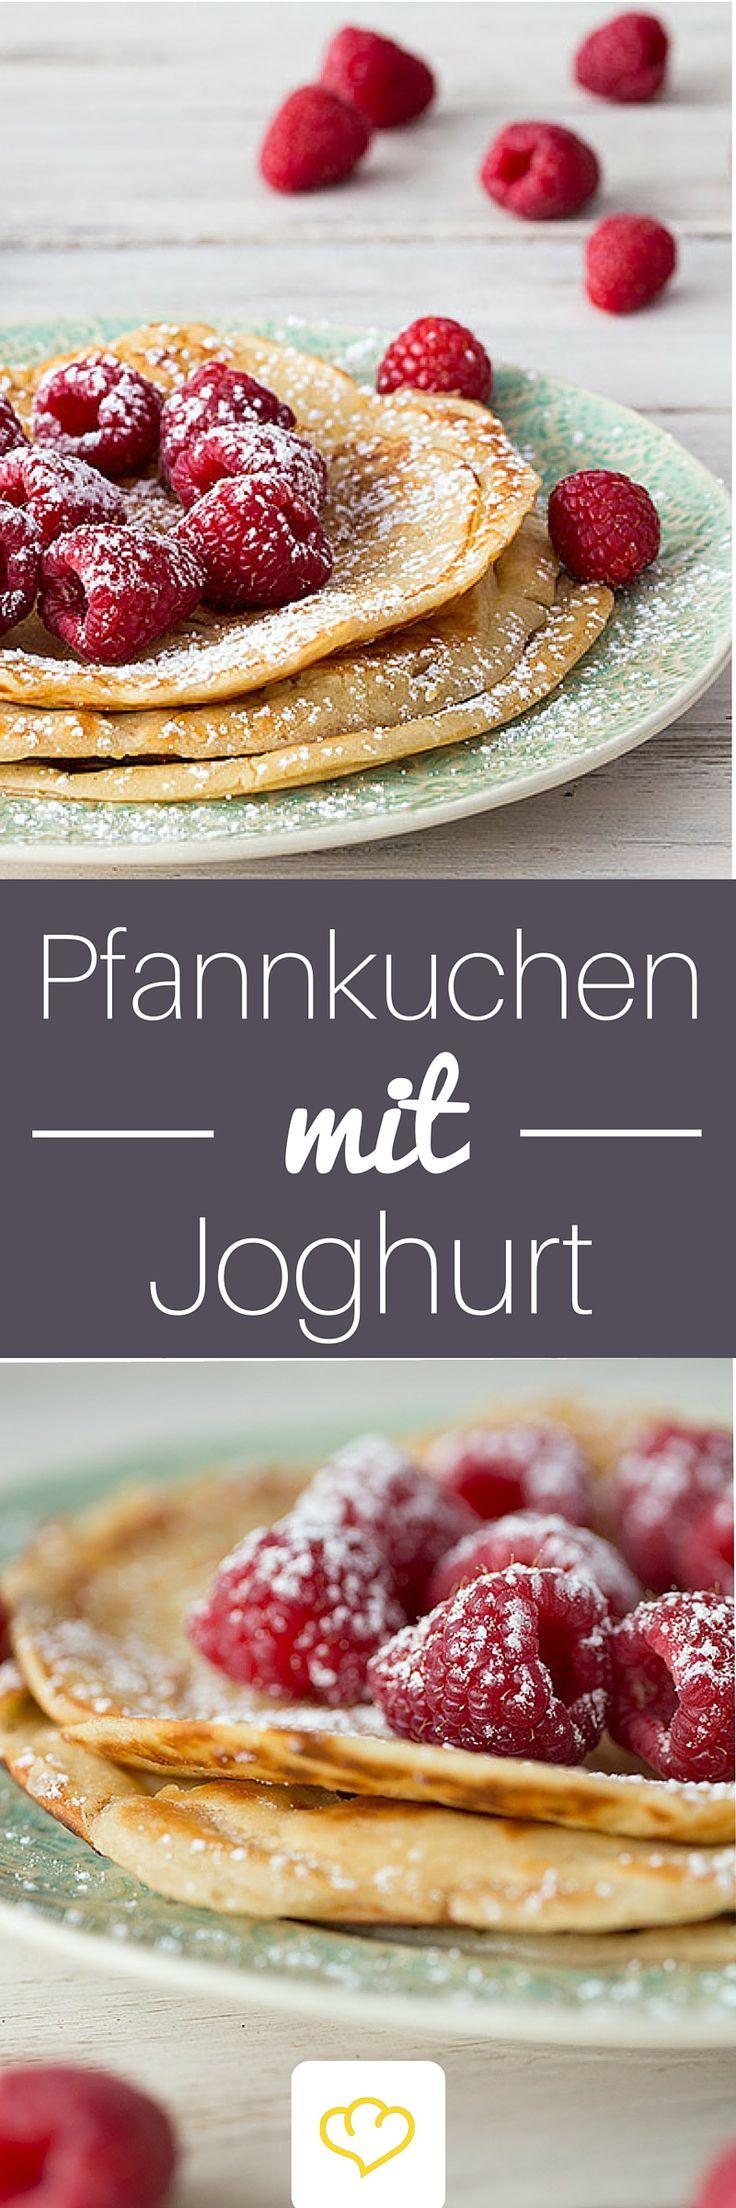 Mit diesen extra-fluffigen Joghurt-Pfannkuchen schweben dein Herzblatt und du auf Wolke 7!